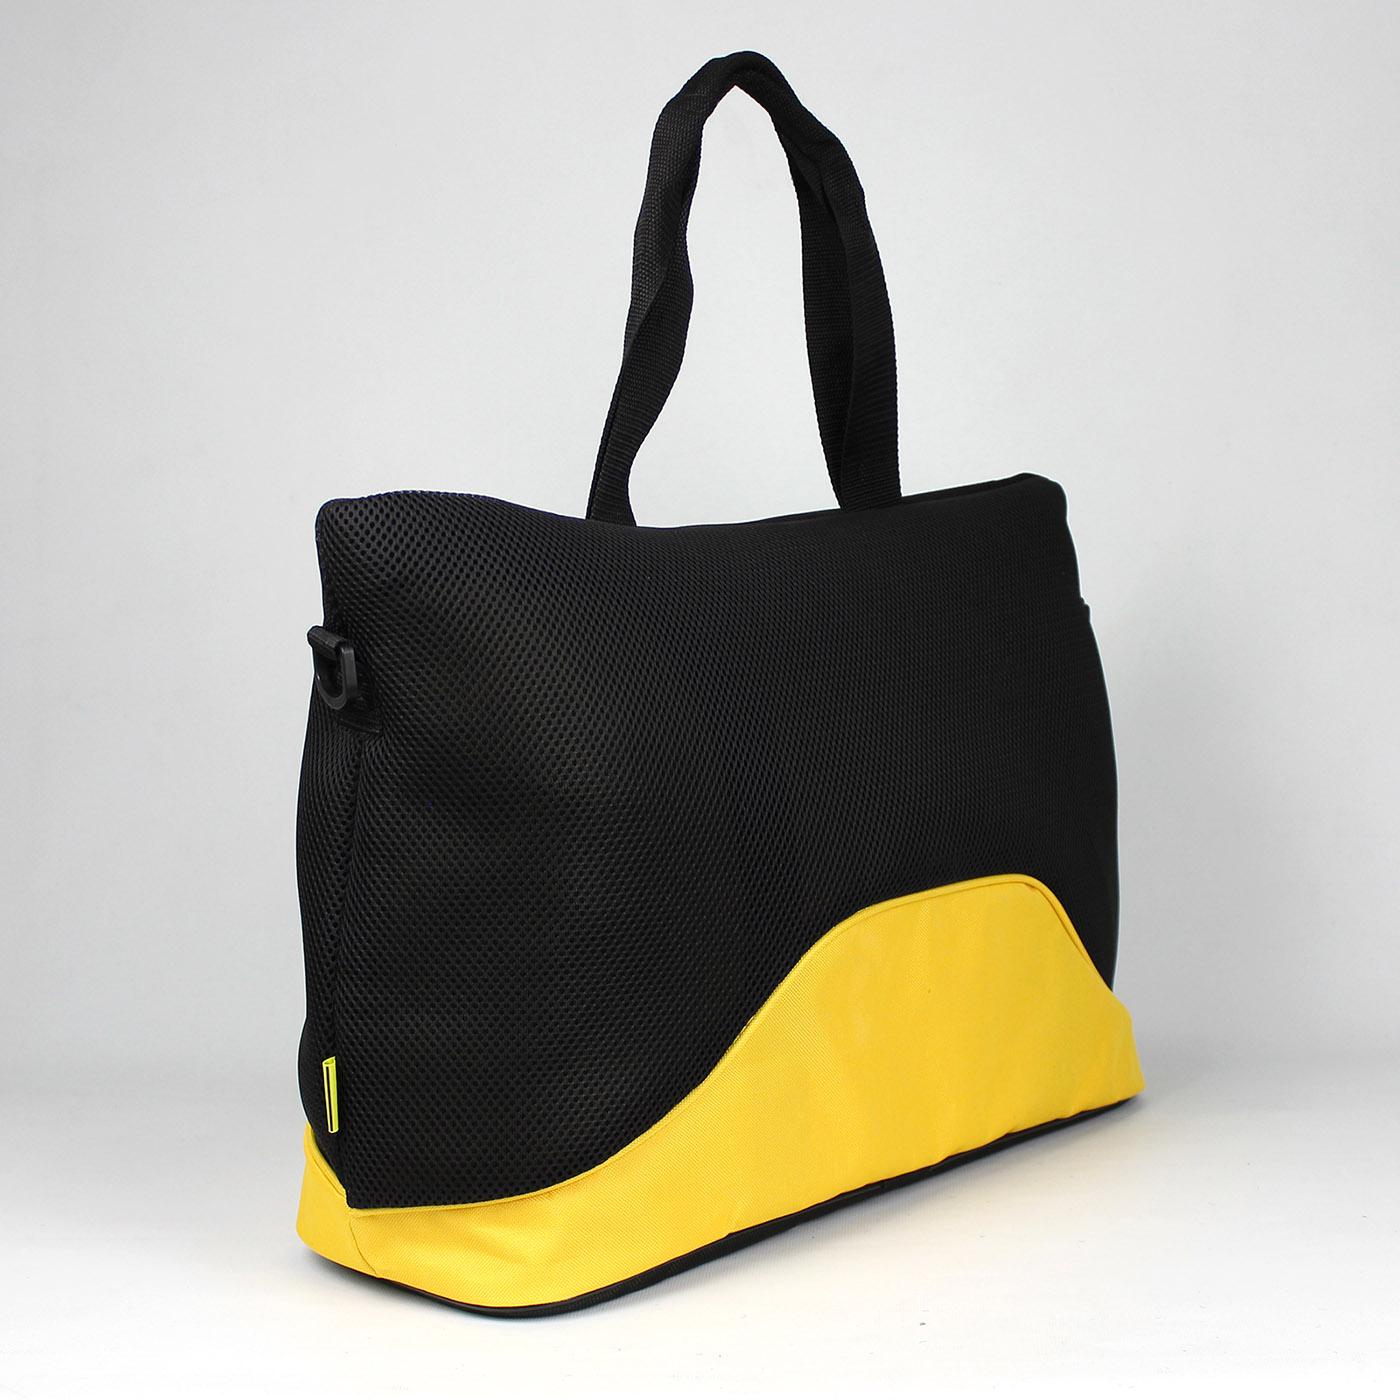 фитнес сумка, спортивные сумки женские, купить женскую спортивную сумку, спортивные сумки для фитнеса женские, женская спортивная сумка для фитнеса купить